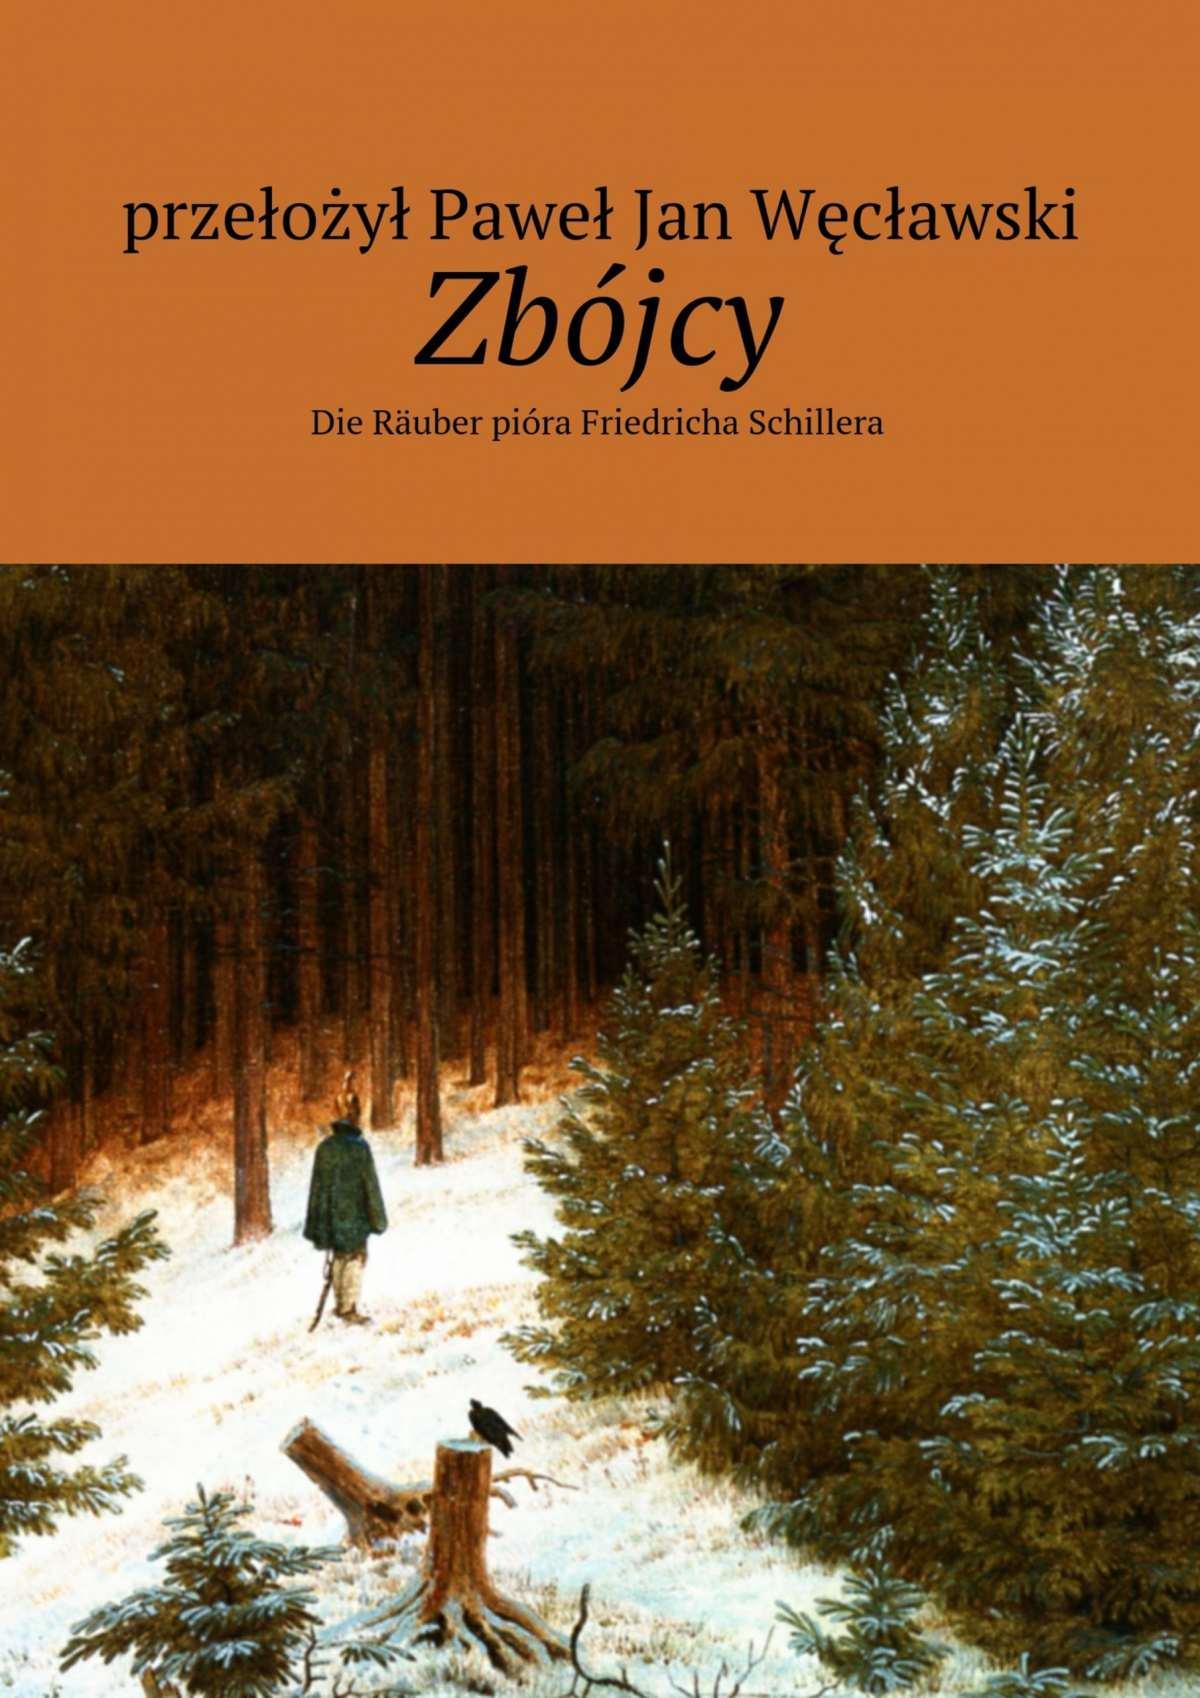 Zbójcy - Ebook (Książka na Kindle) do pobrania w formacie MOBI